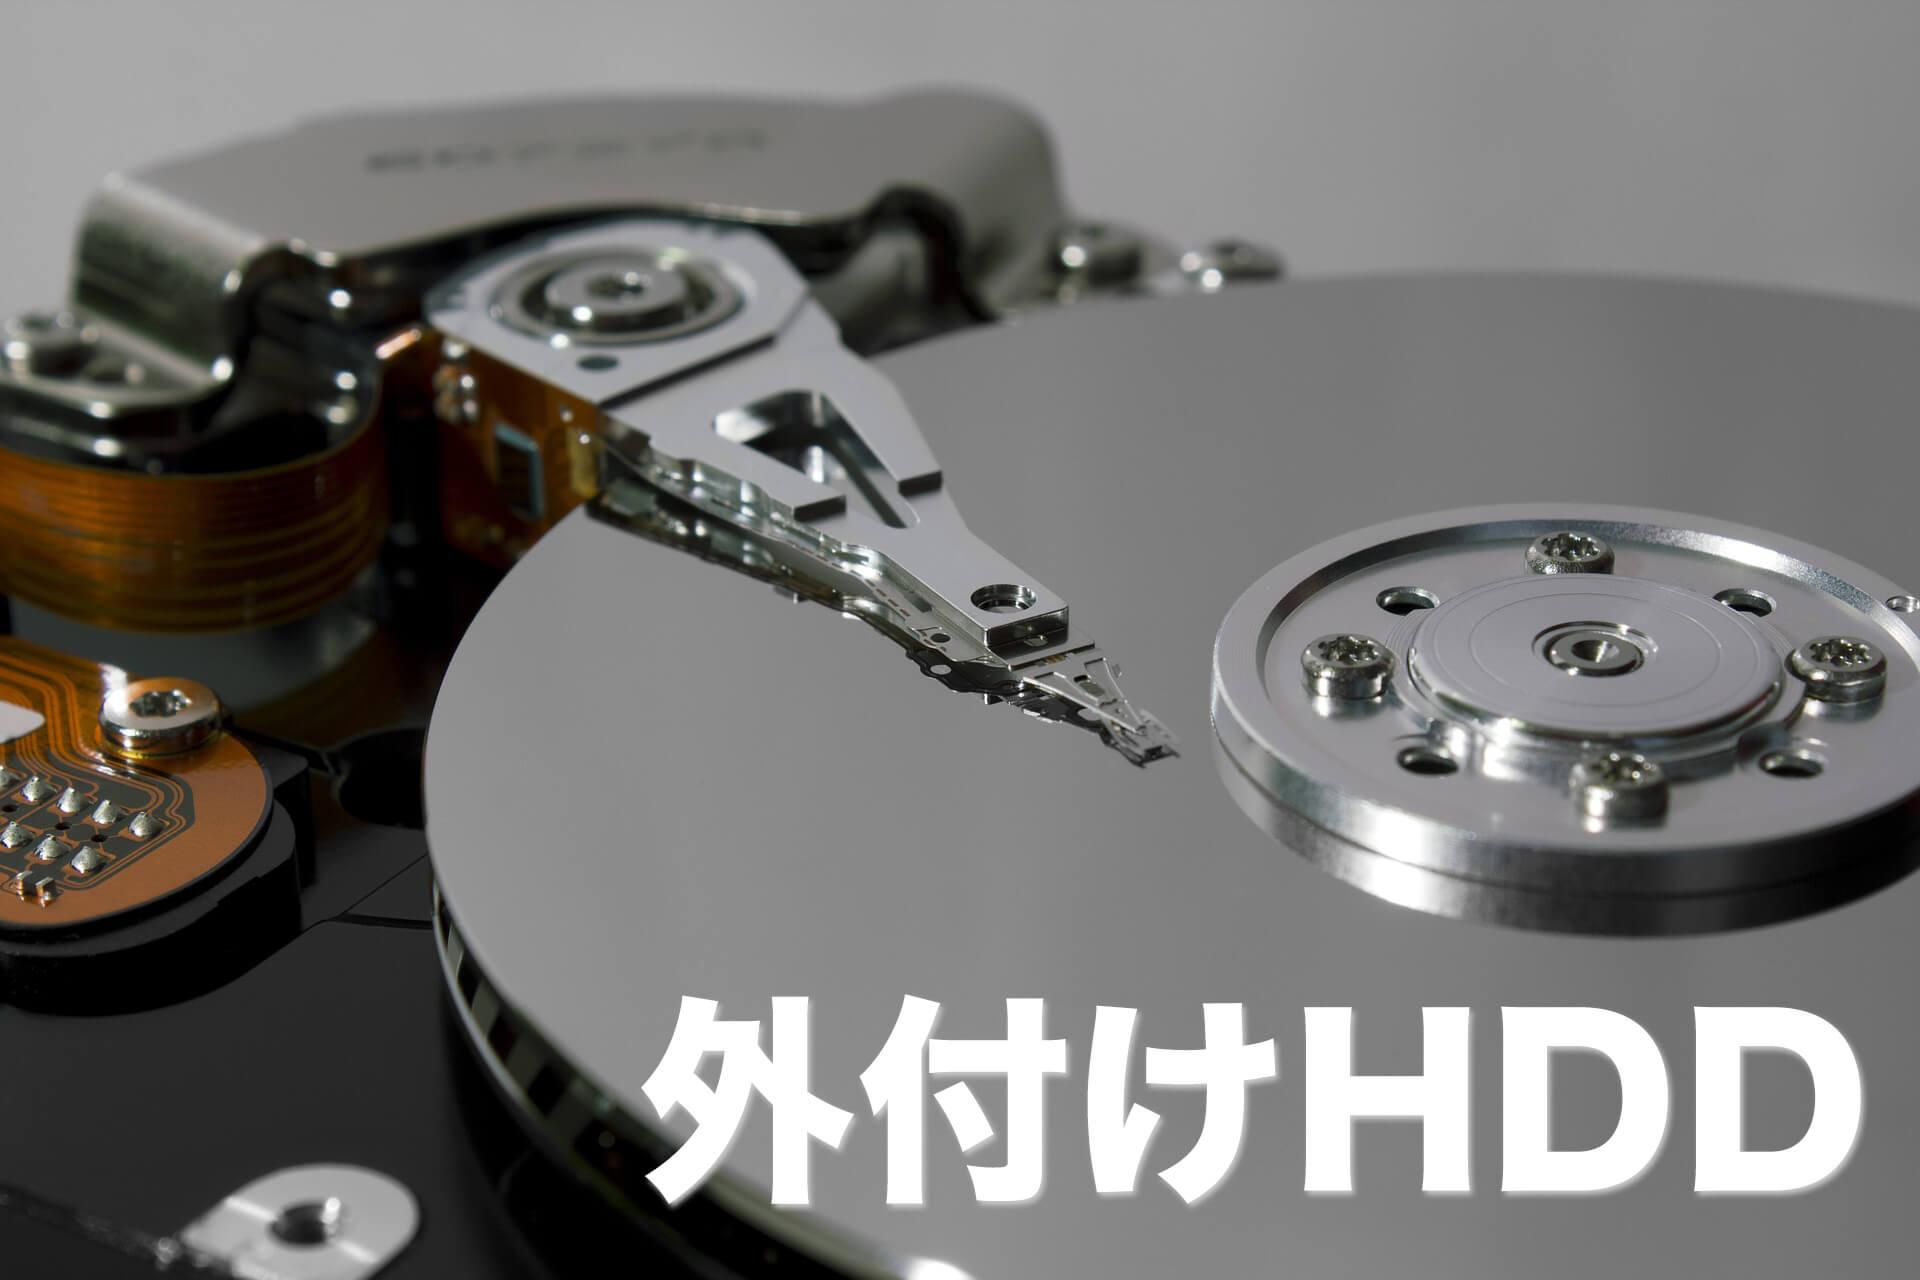 mac-hdd-ntfs1